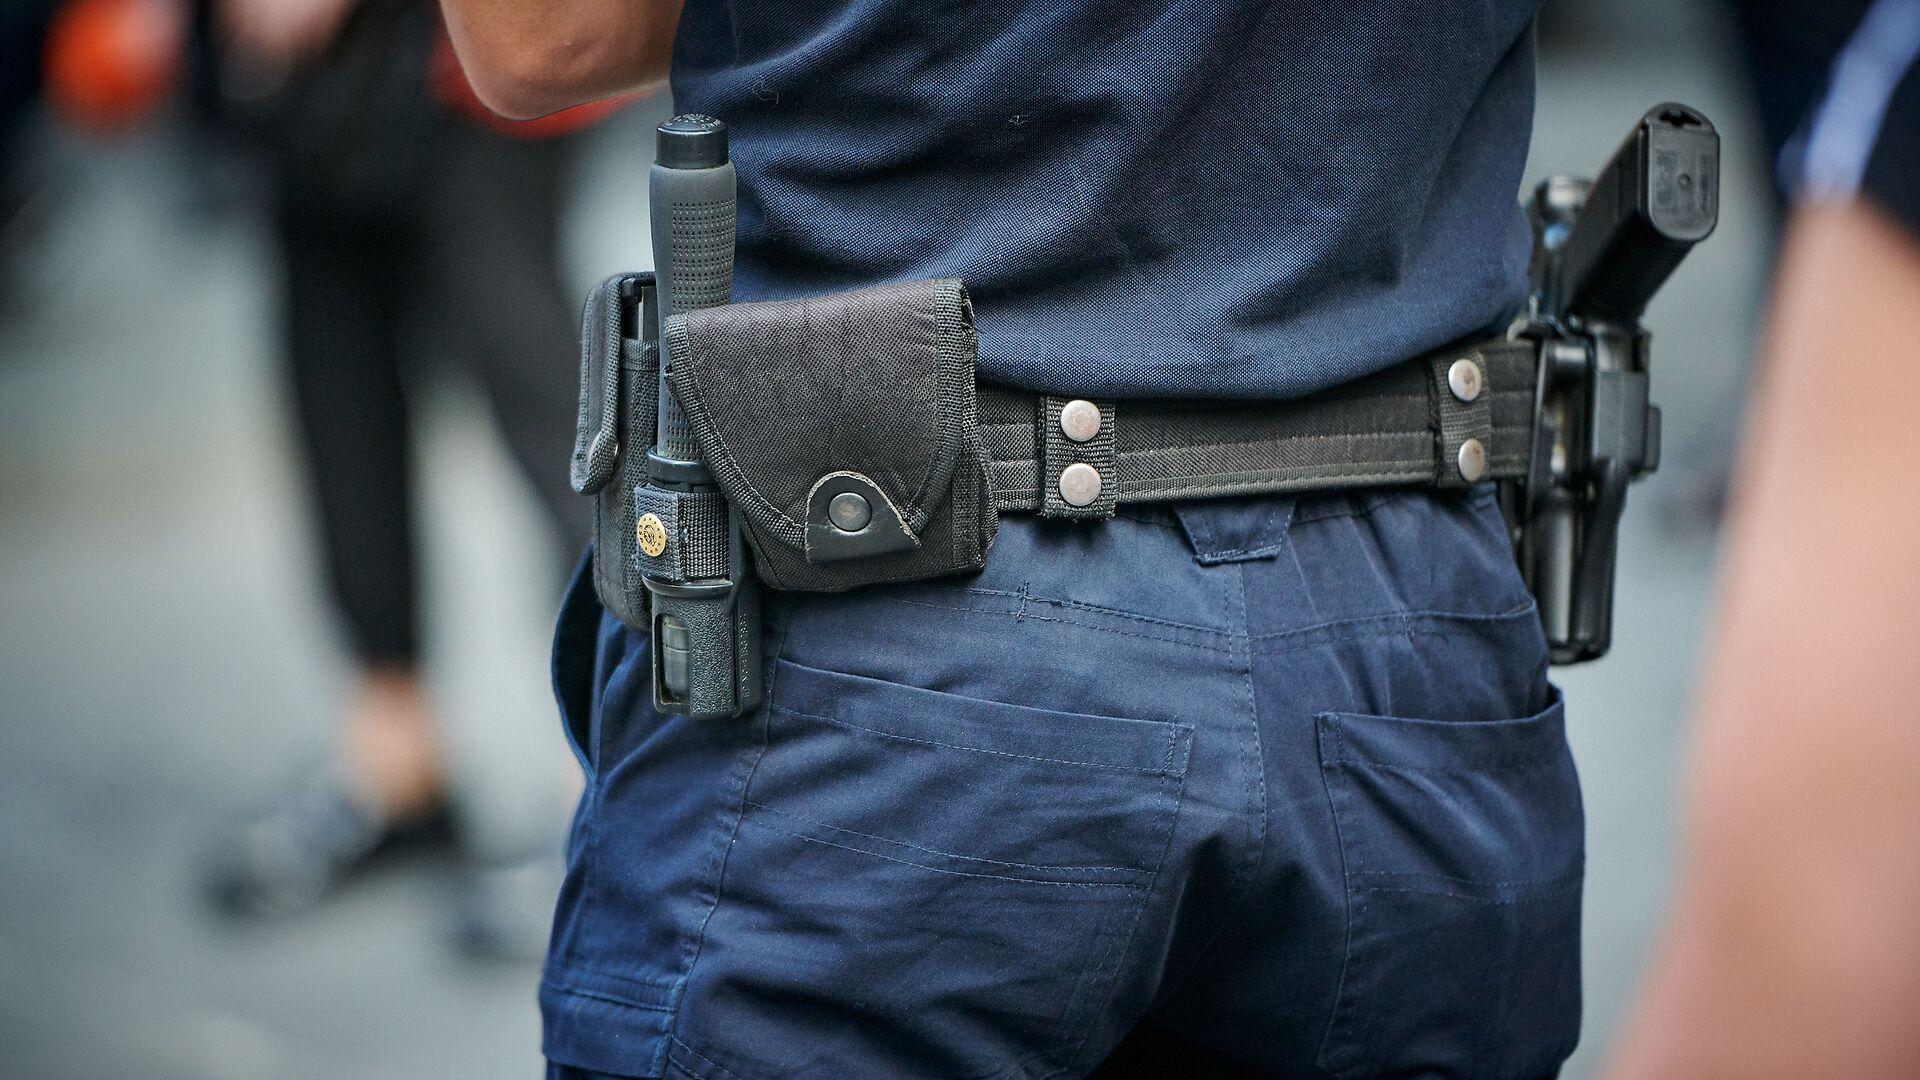 Патрульная полиция. Полицейские за работой  - Sputnik Грузия, 1920, 21.09.2021